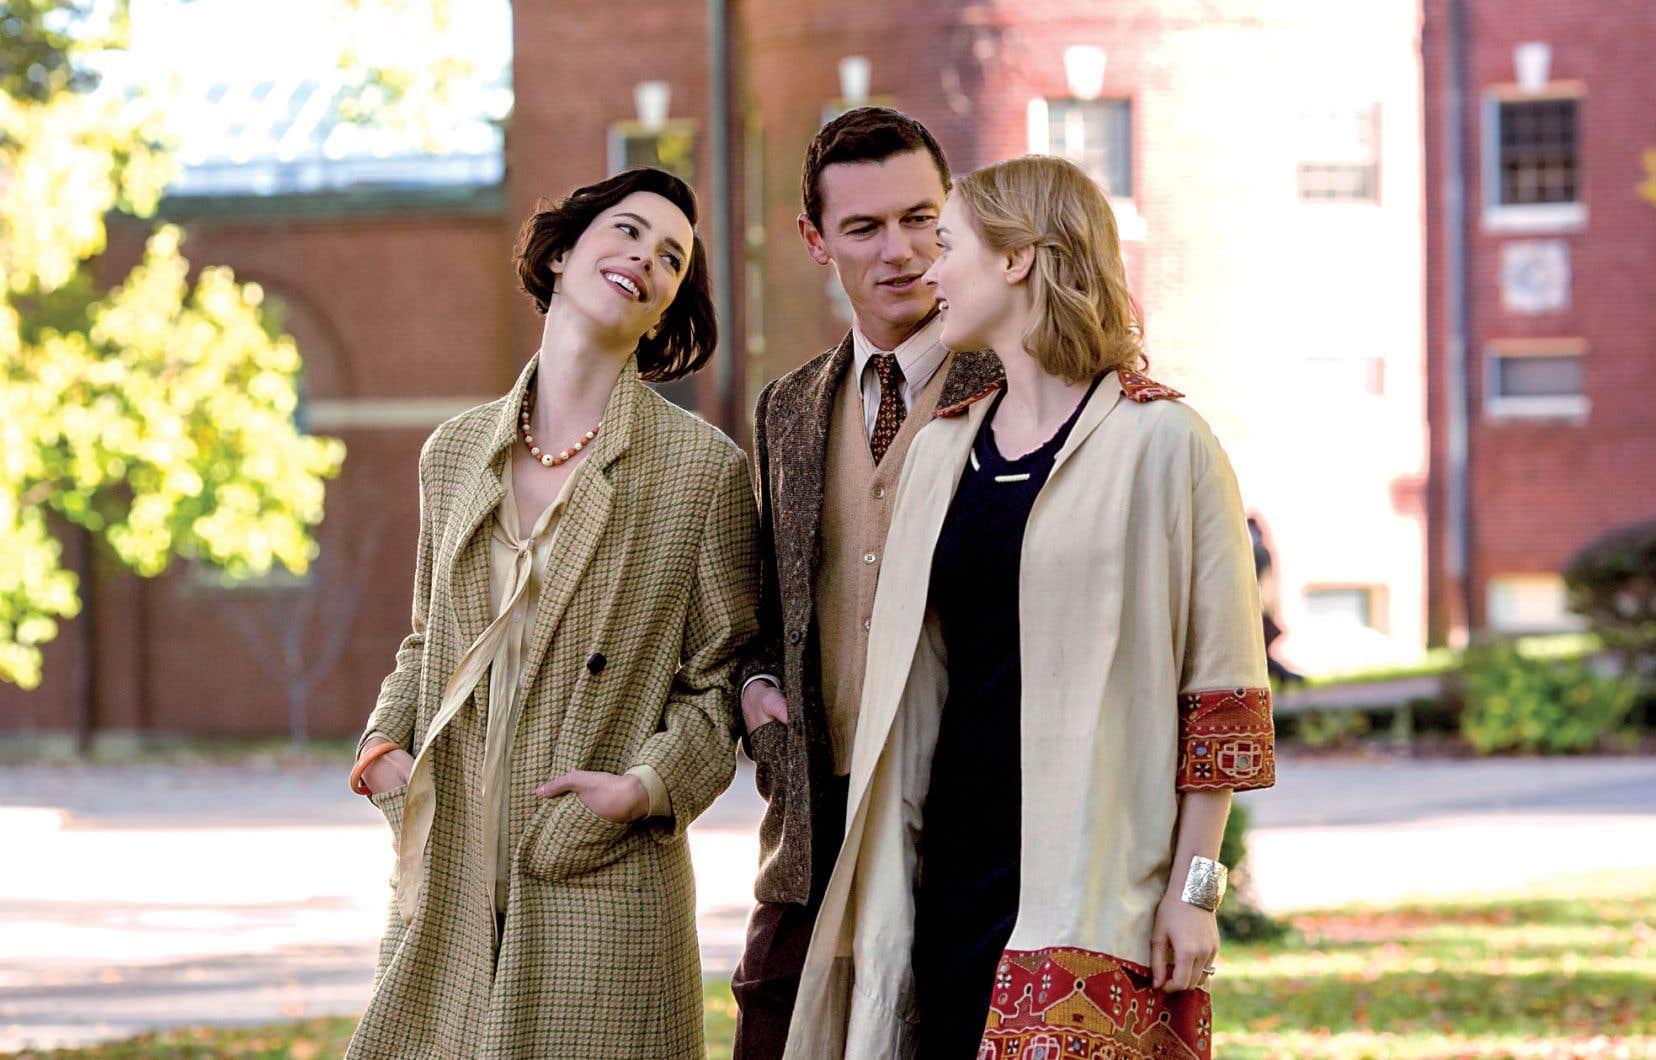 «Professor Marston and the Wonder Women» présente un célèbre ménage à trois devenu une famille atypique, chose peu courante aux États-Unis dans les années 1930.